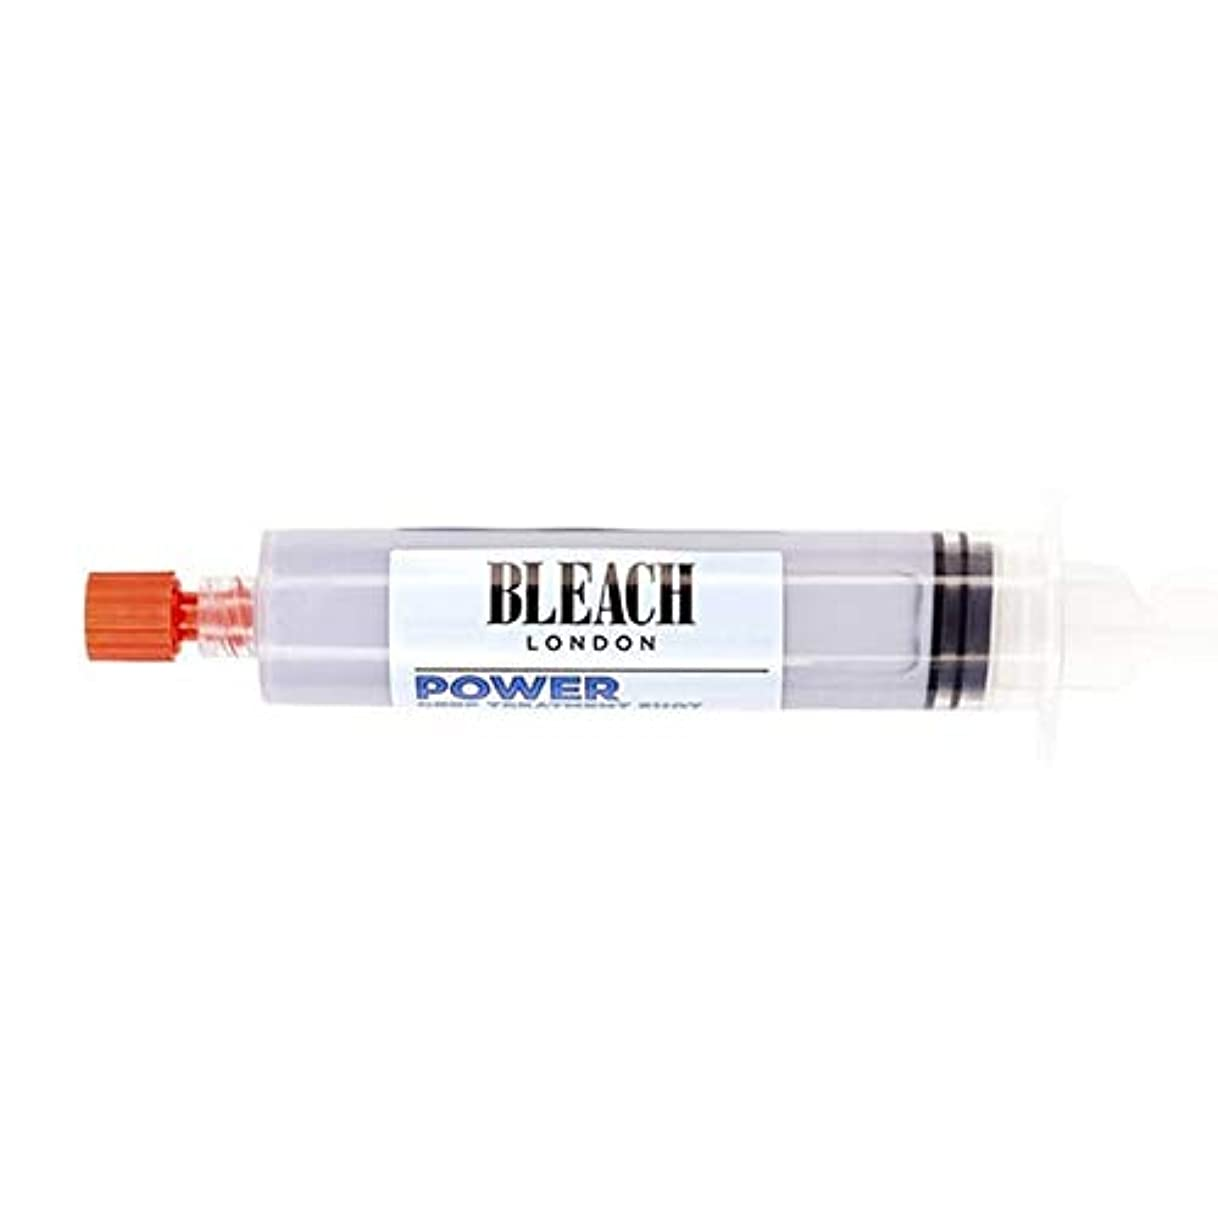 勢い受け入れるタール[Bleach London ] 漂白ロンドン治療ショット - ディープパワー - Bleach London Treatment Shot - Power Deep [並行輸入品]